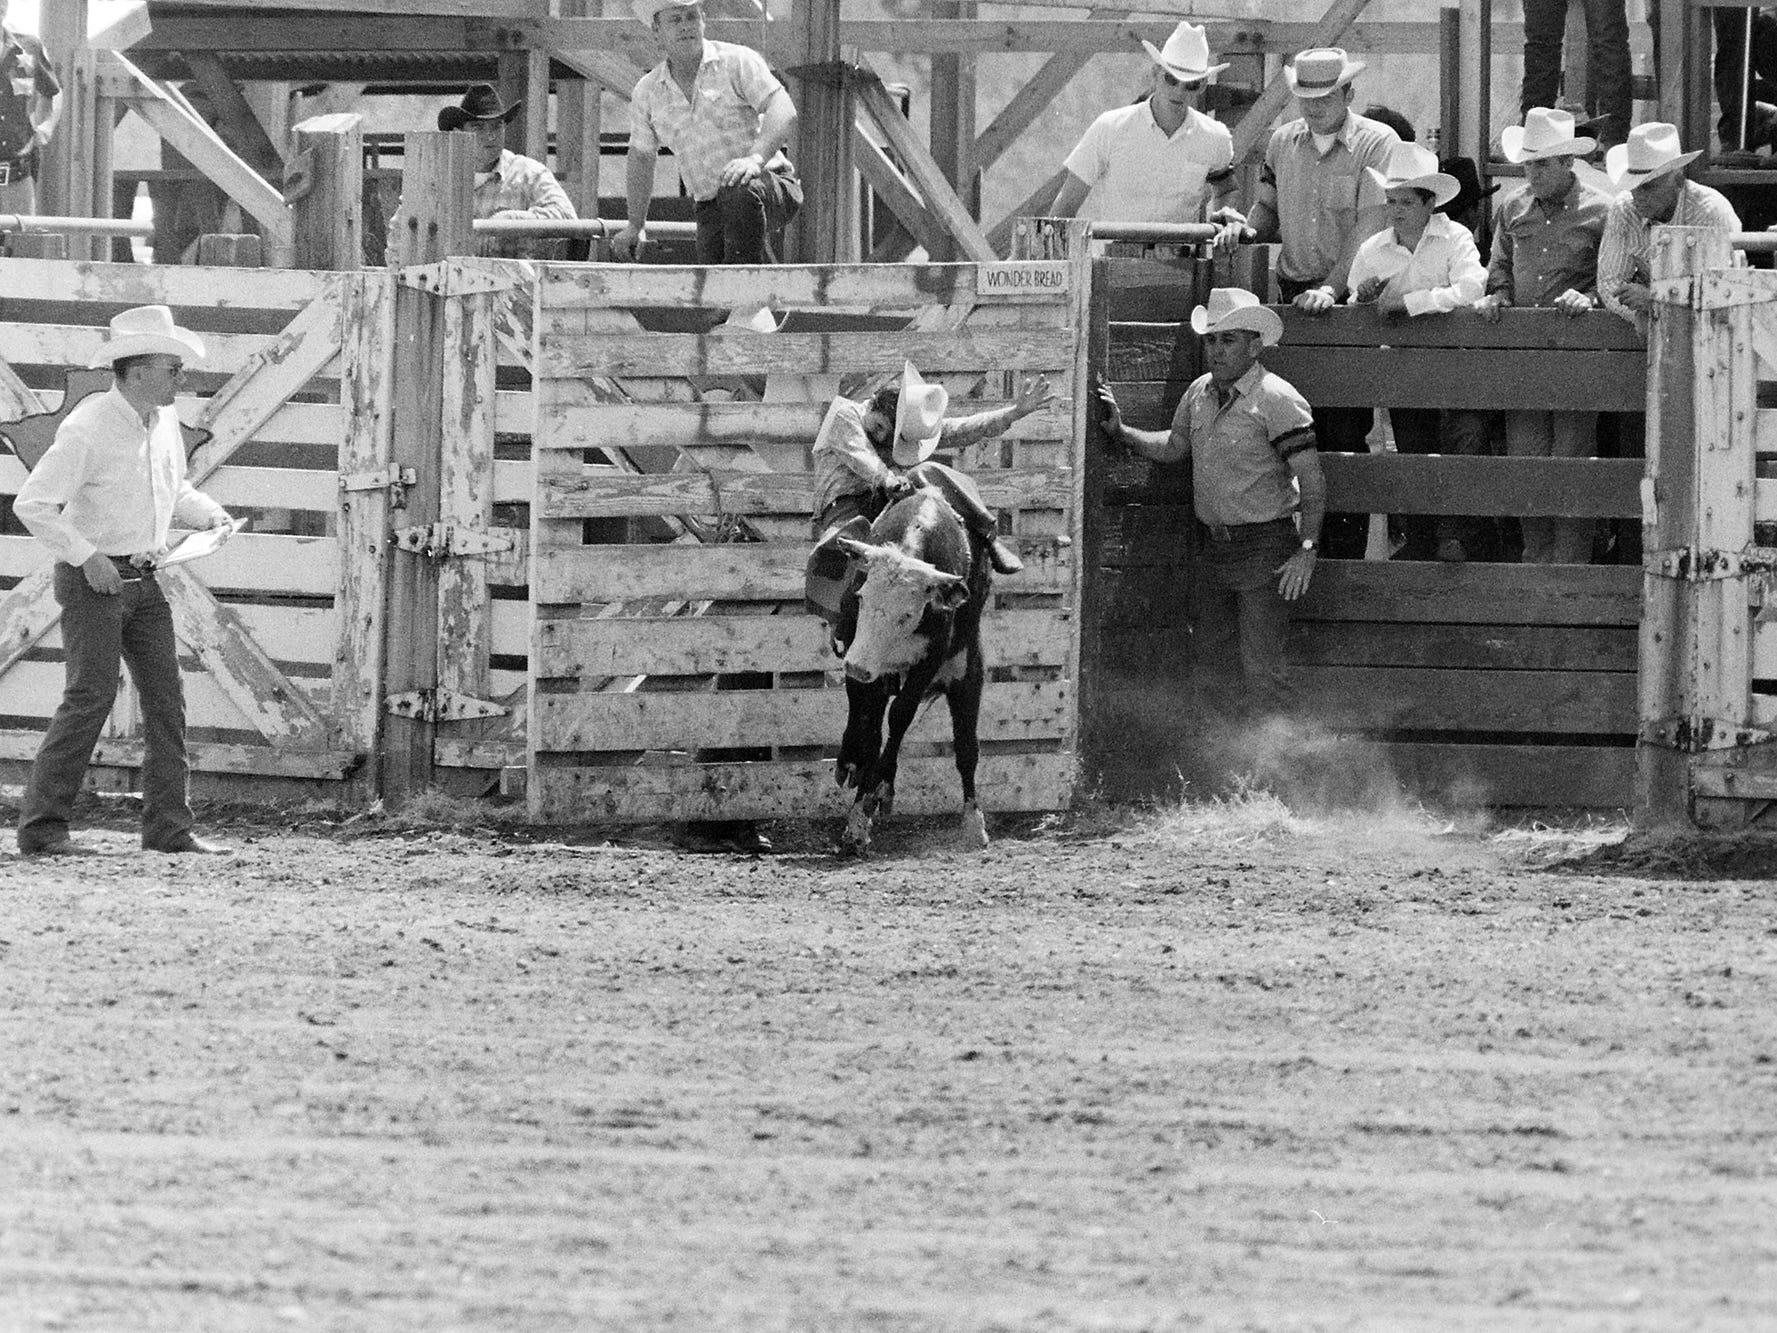 02/28/70JR Rodeo